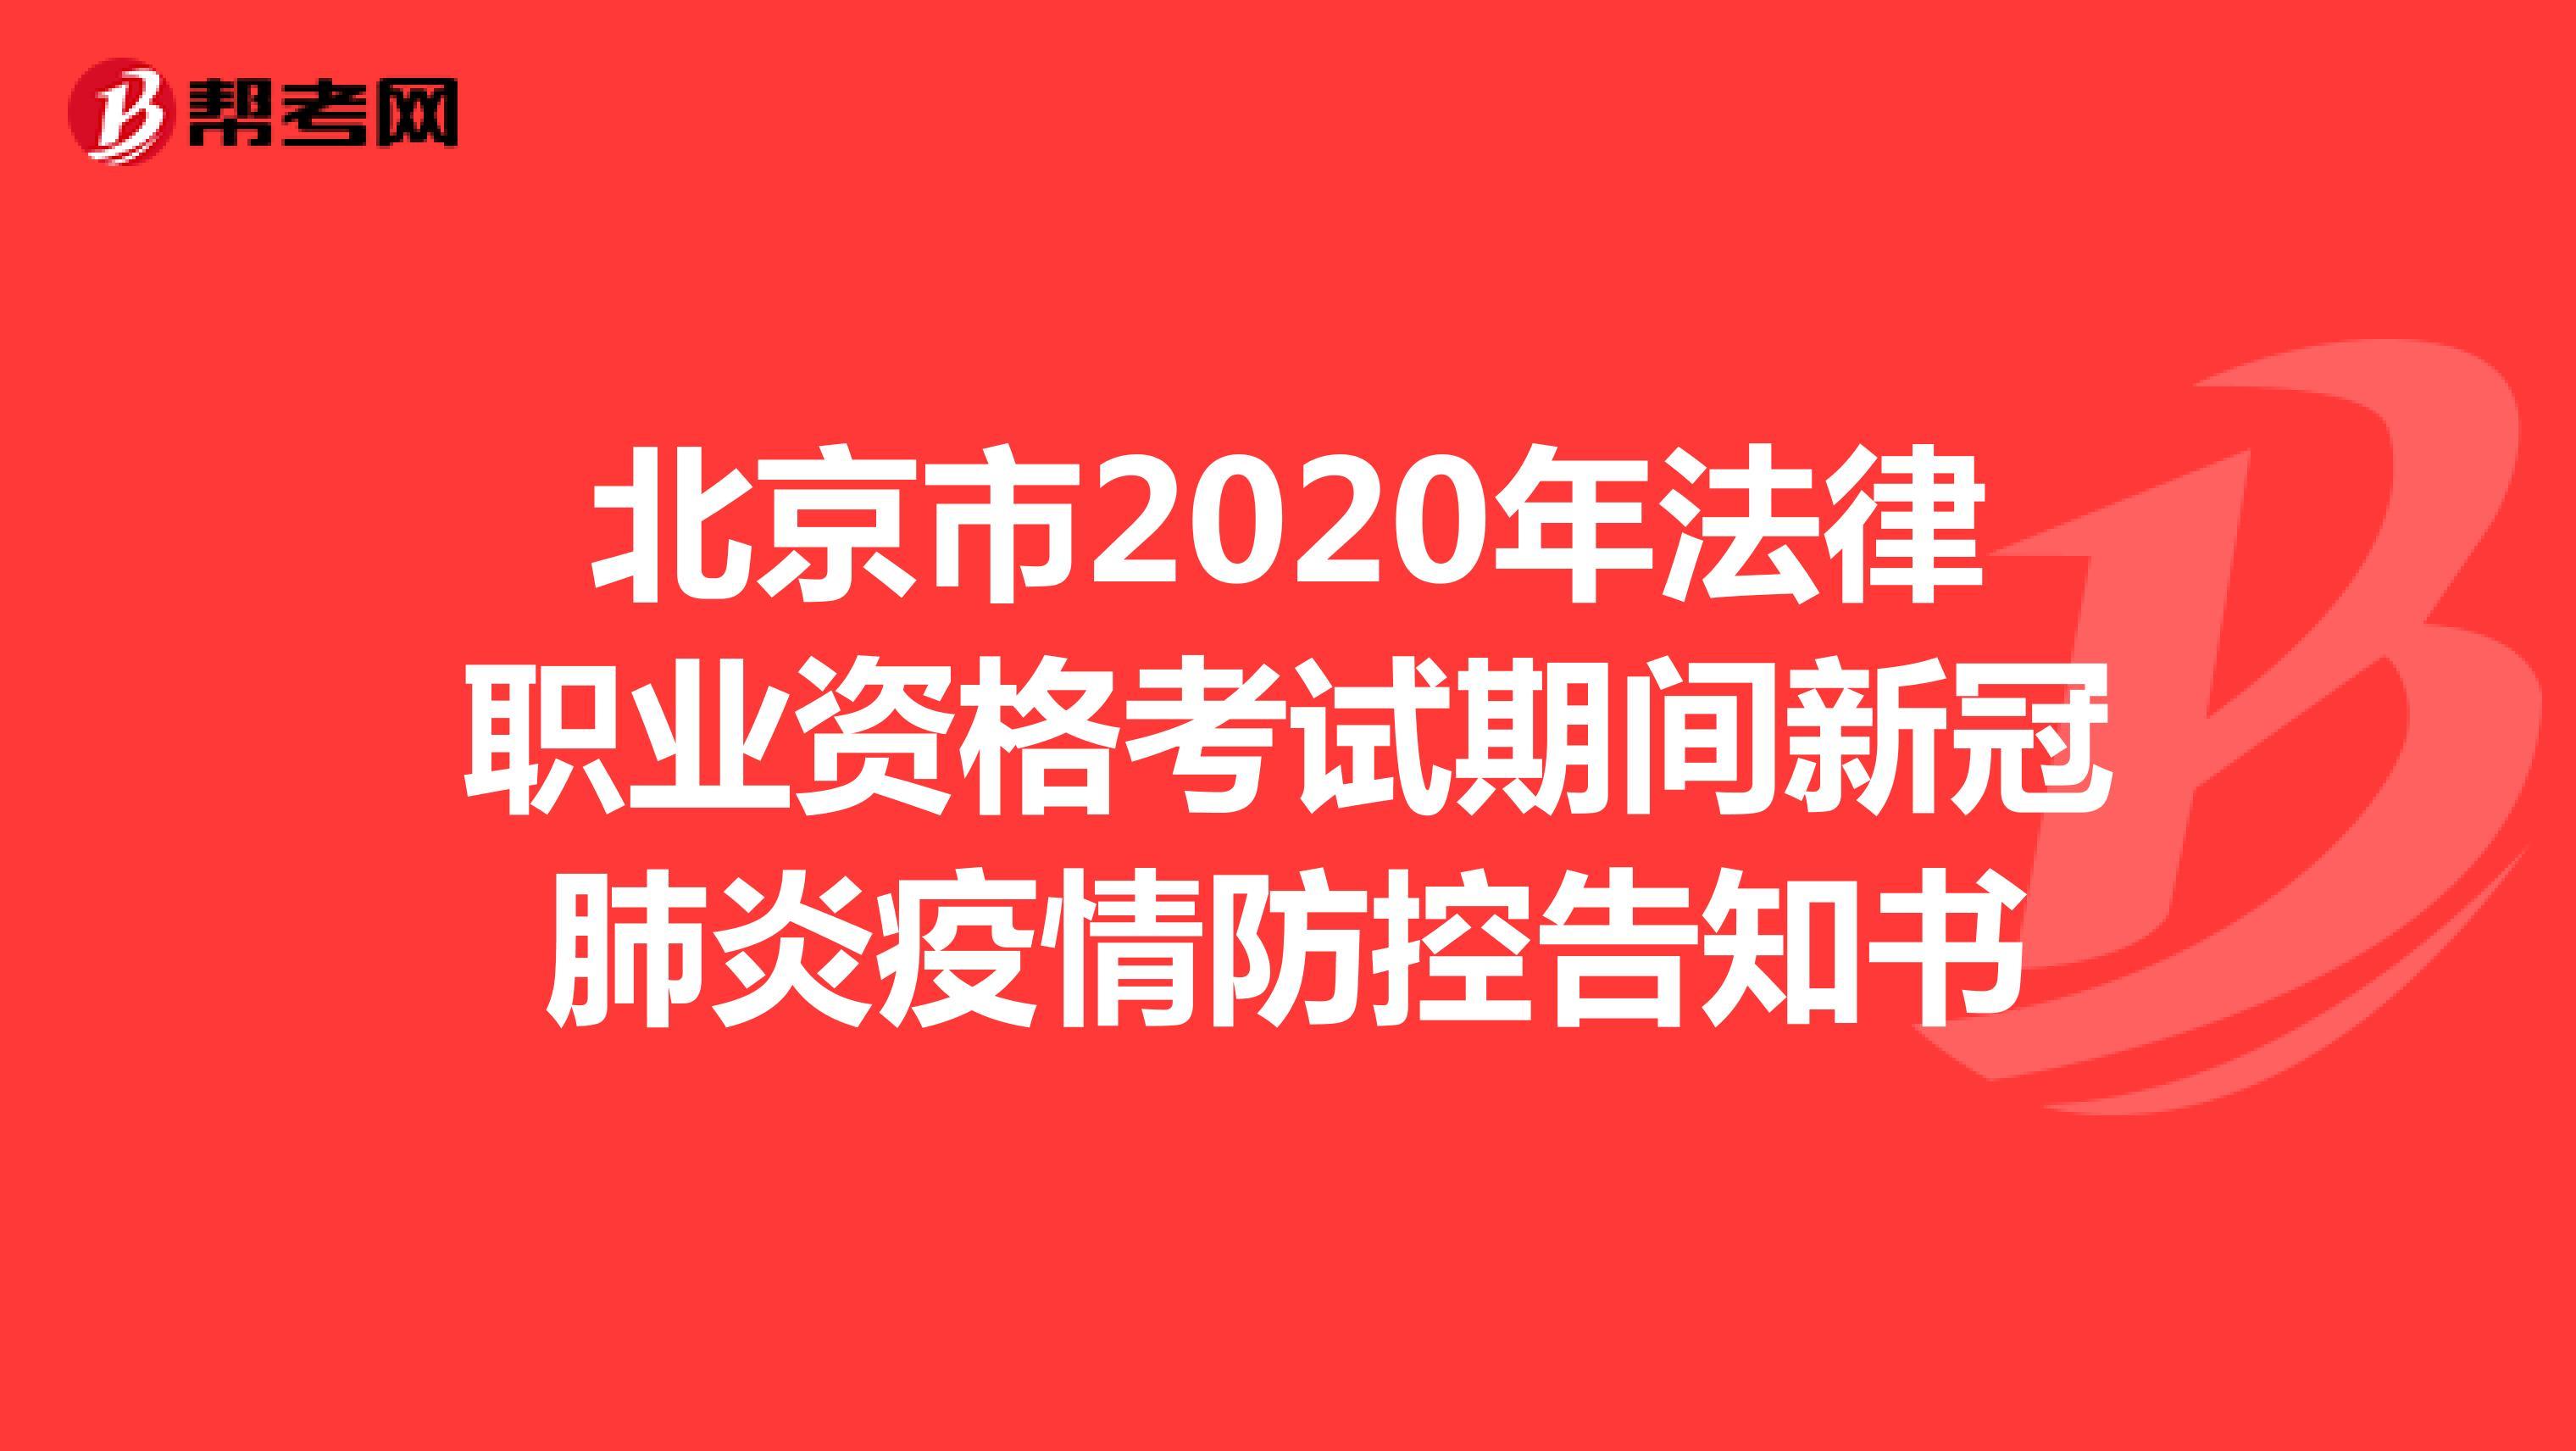 北京市2020年法律职业资格考试期间新冠肺炎疫情防控告知书